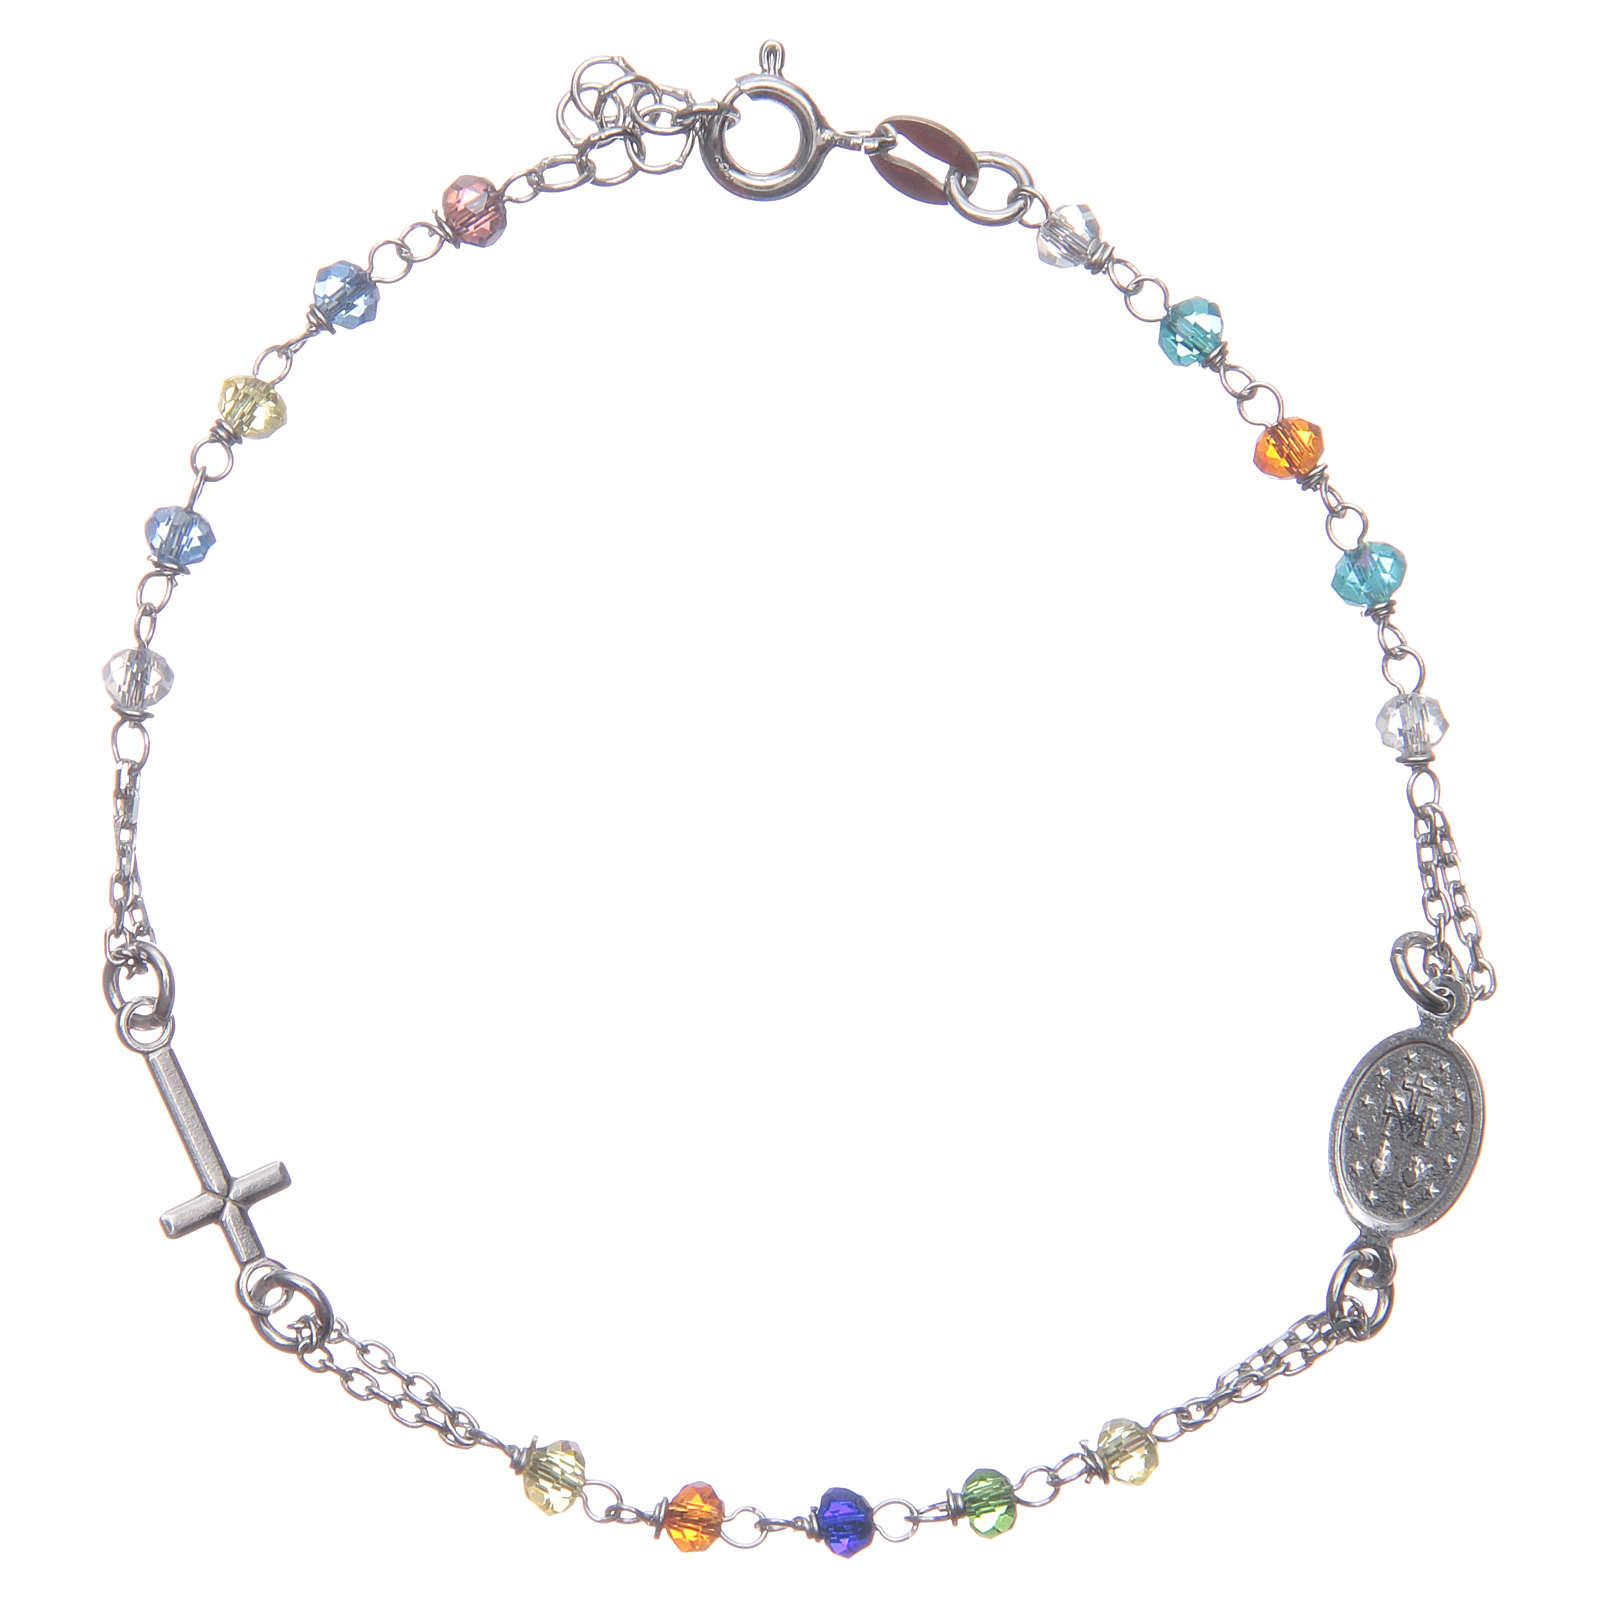 Bracciale rosario colore multicolor argento 925 4